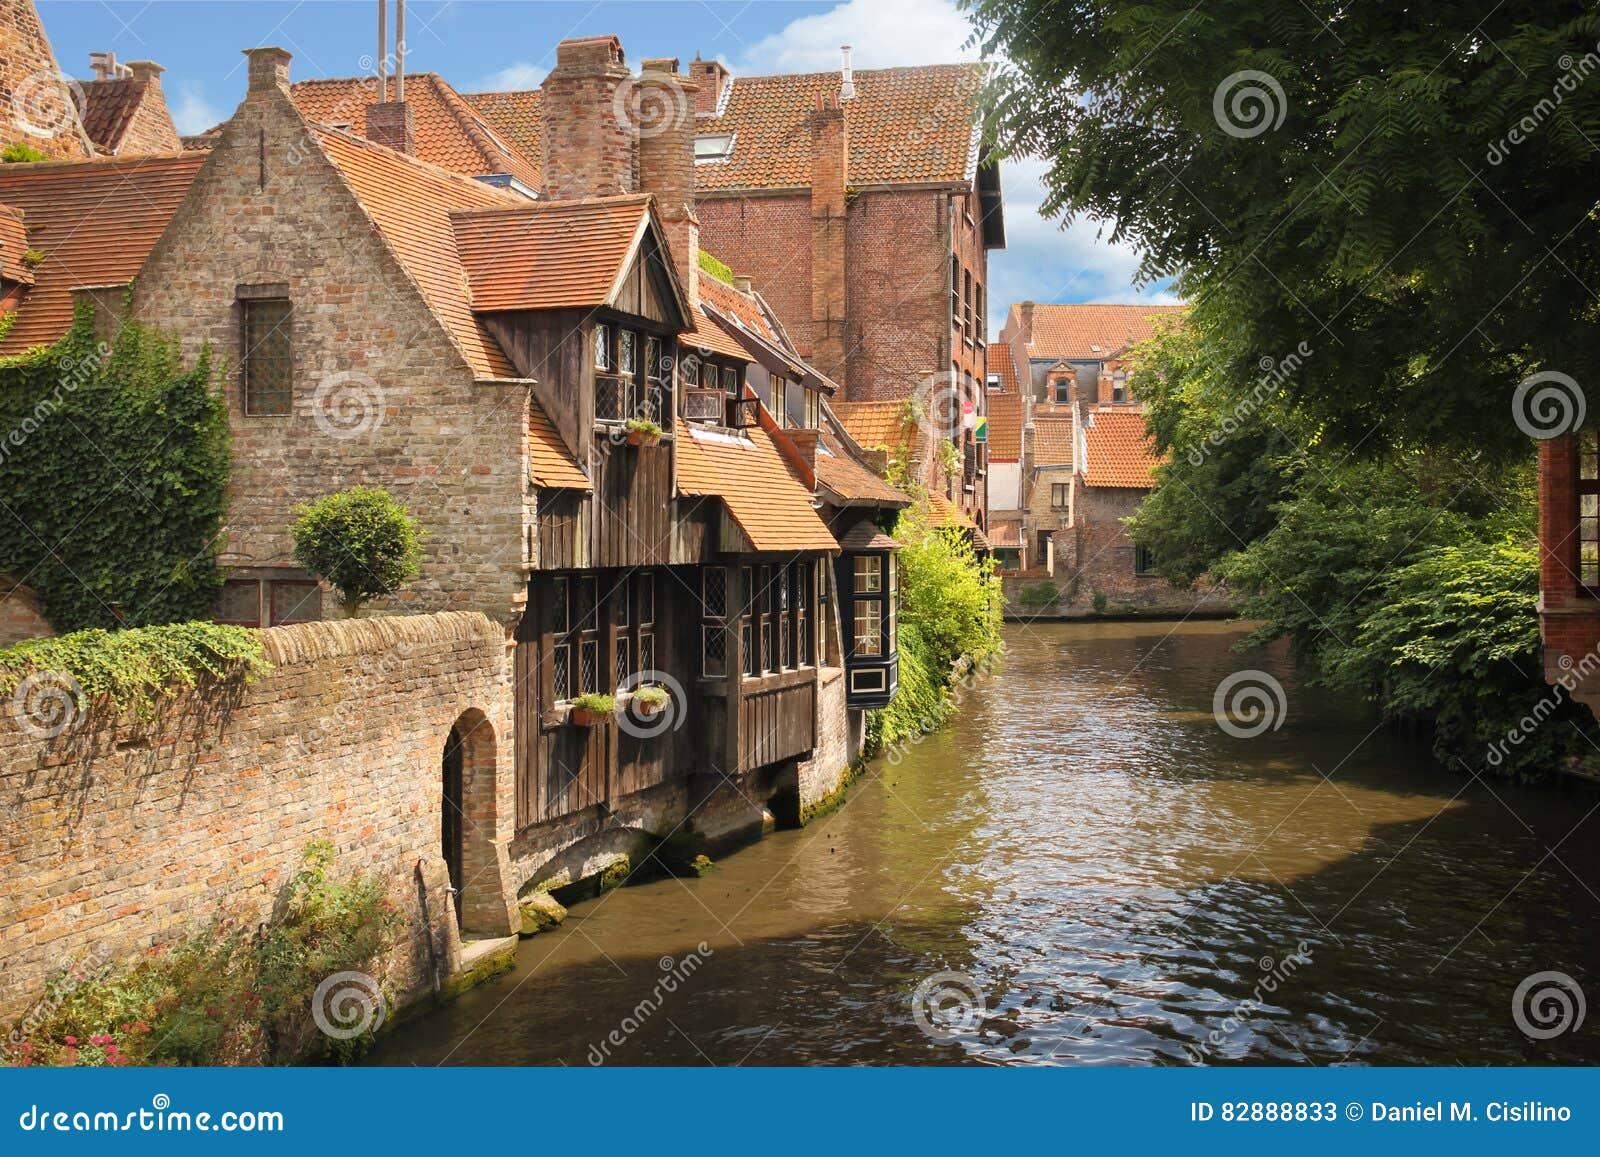 Middeleeuwse gebouwen langs de kanalen Brugge belgië